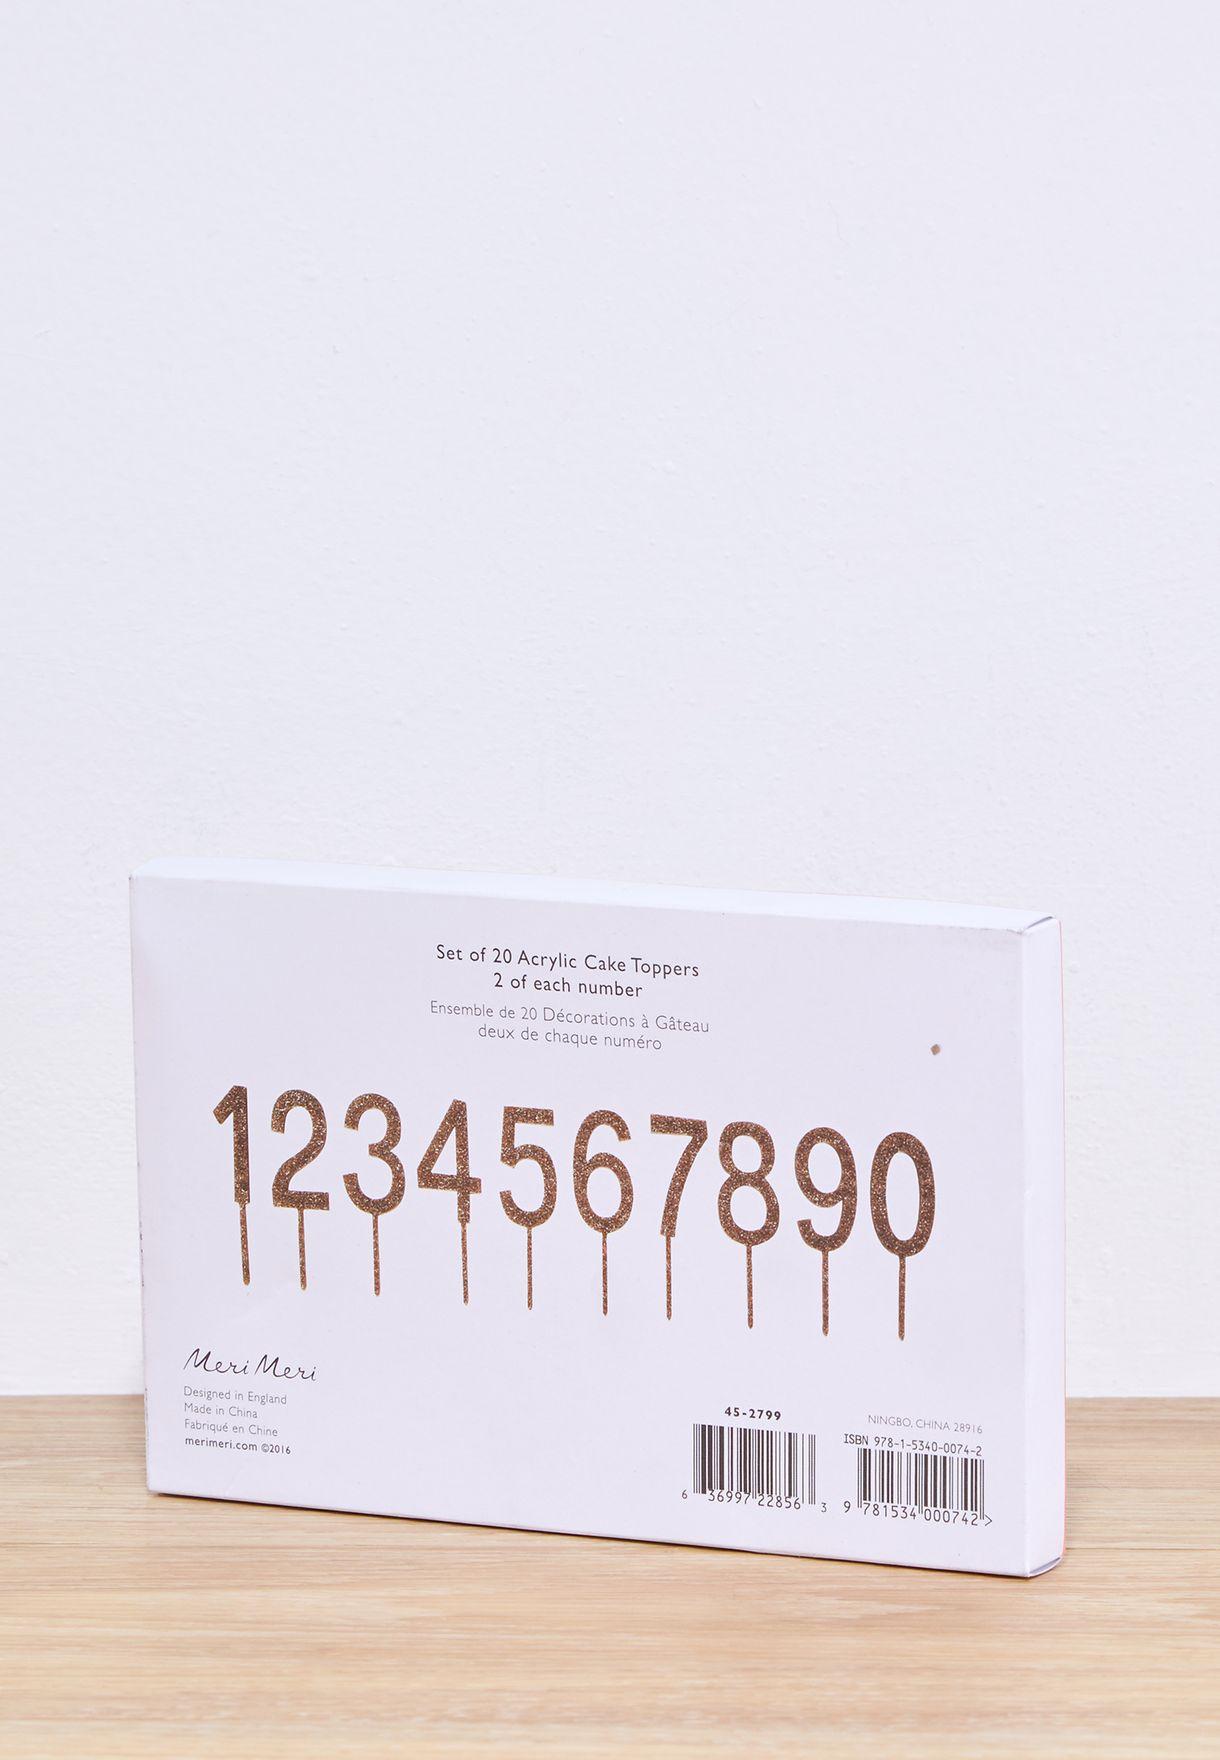 ارقام مزينة للاستعمال في الحفلات